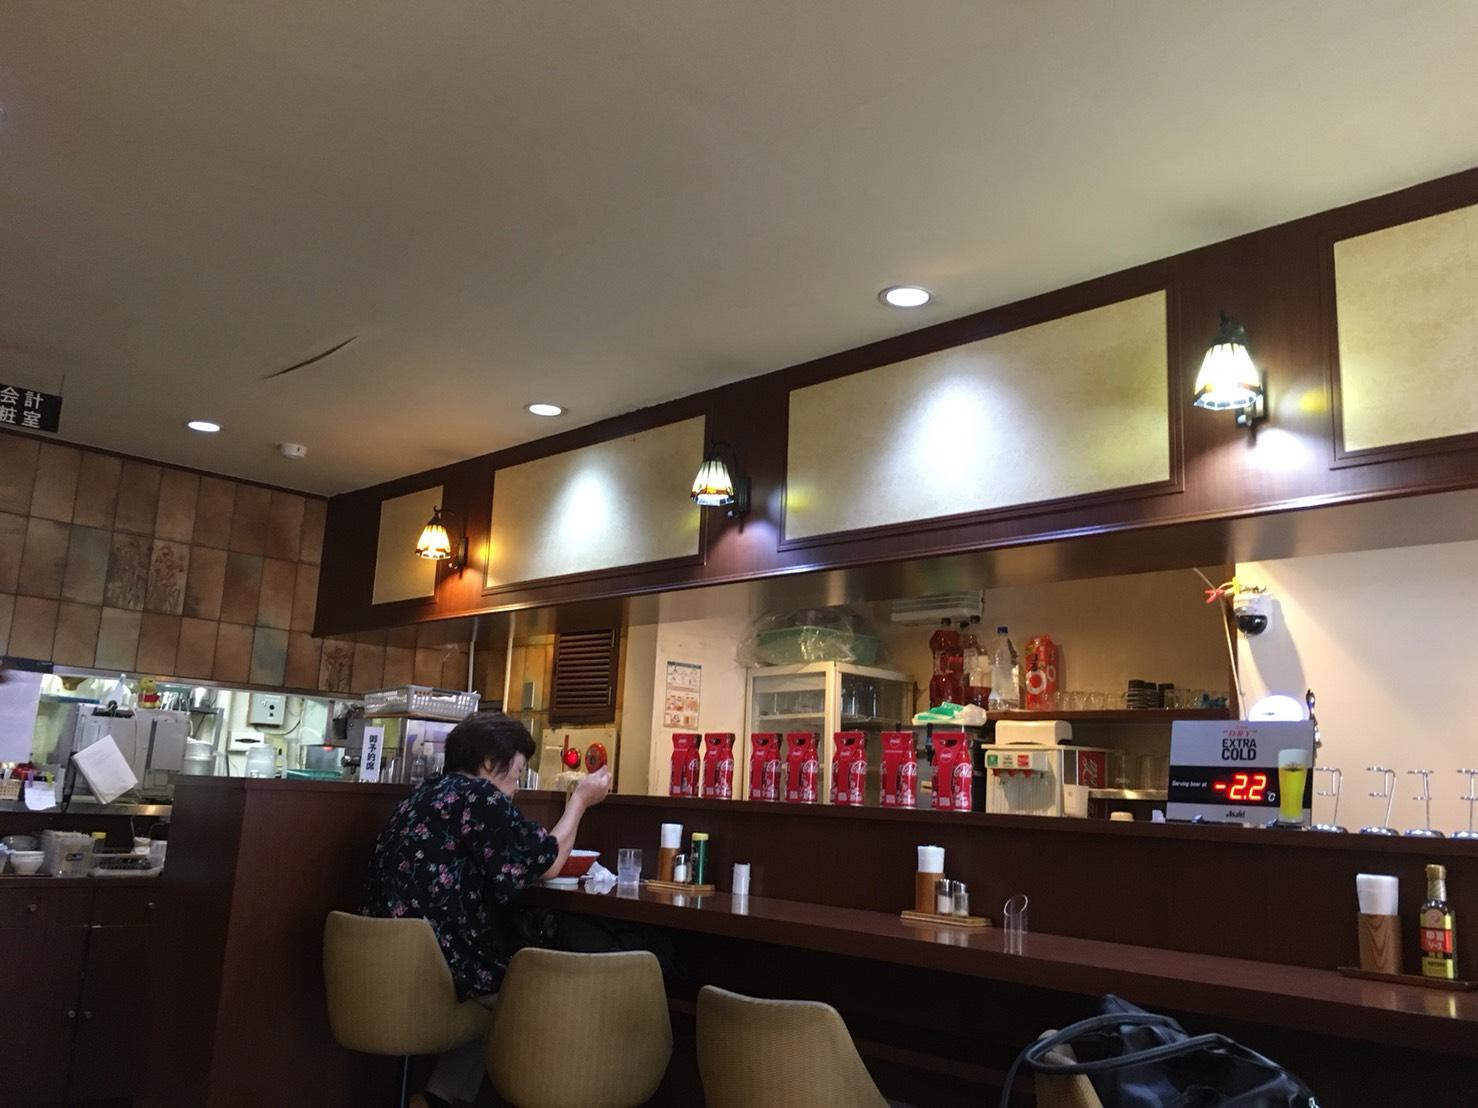 【上野駅】上野と言えば!の「じゅらく」で洋食とパンダパンケーキのじゅらくテーブル